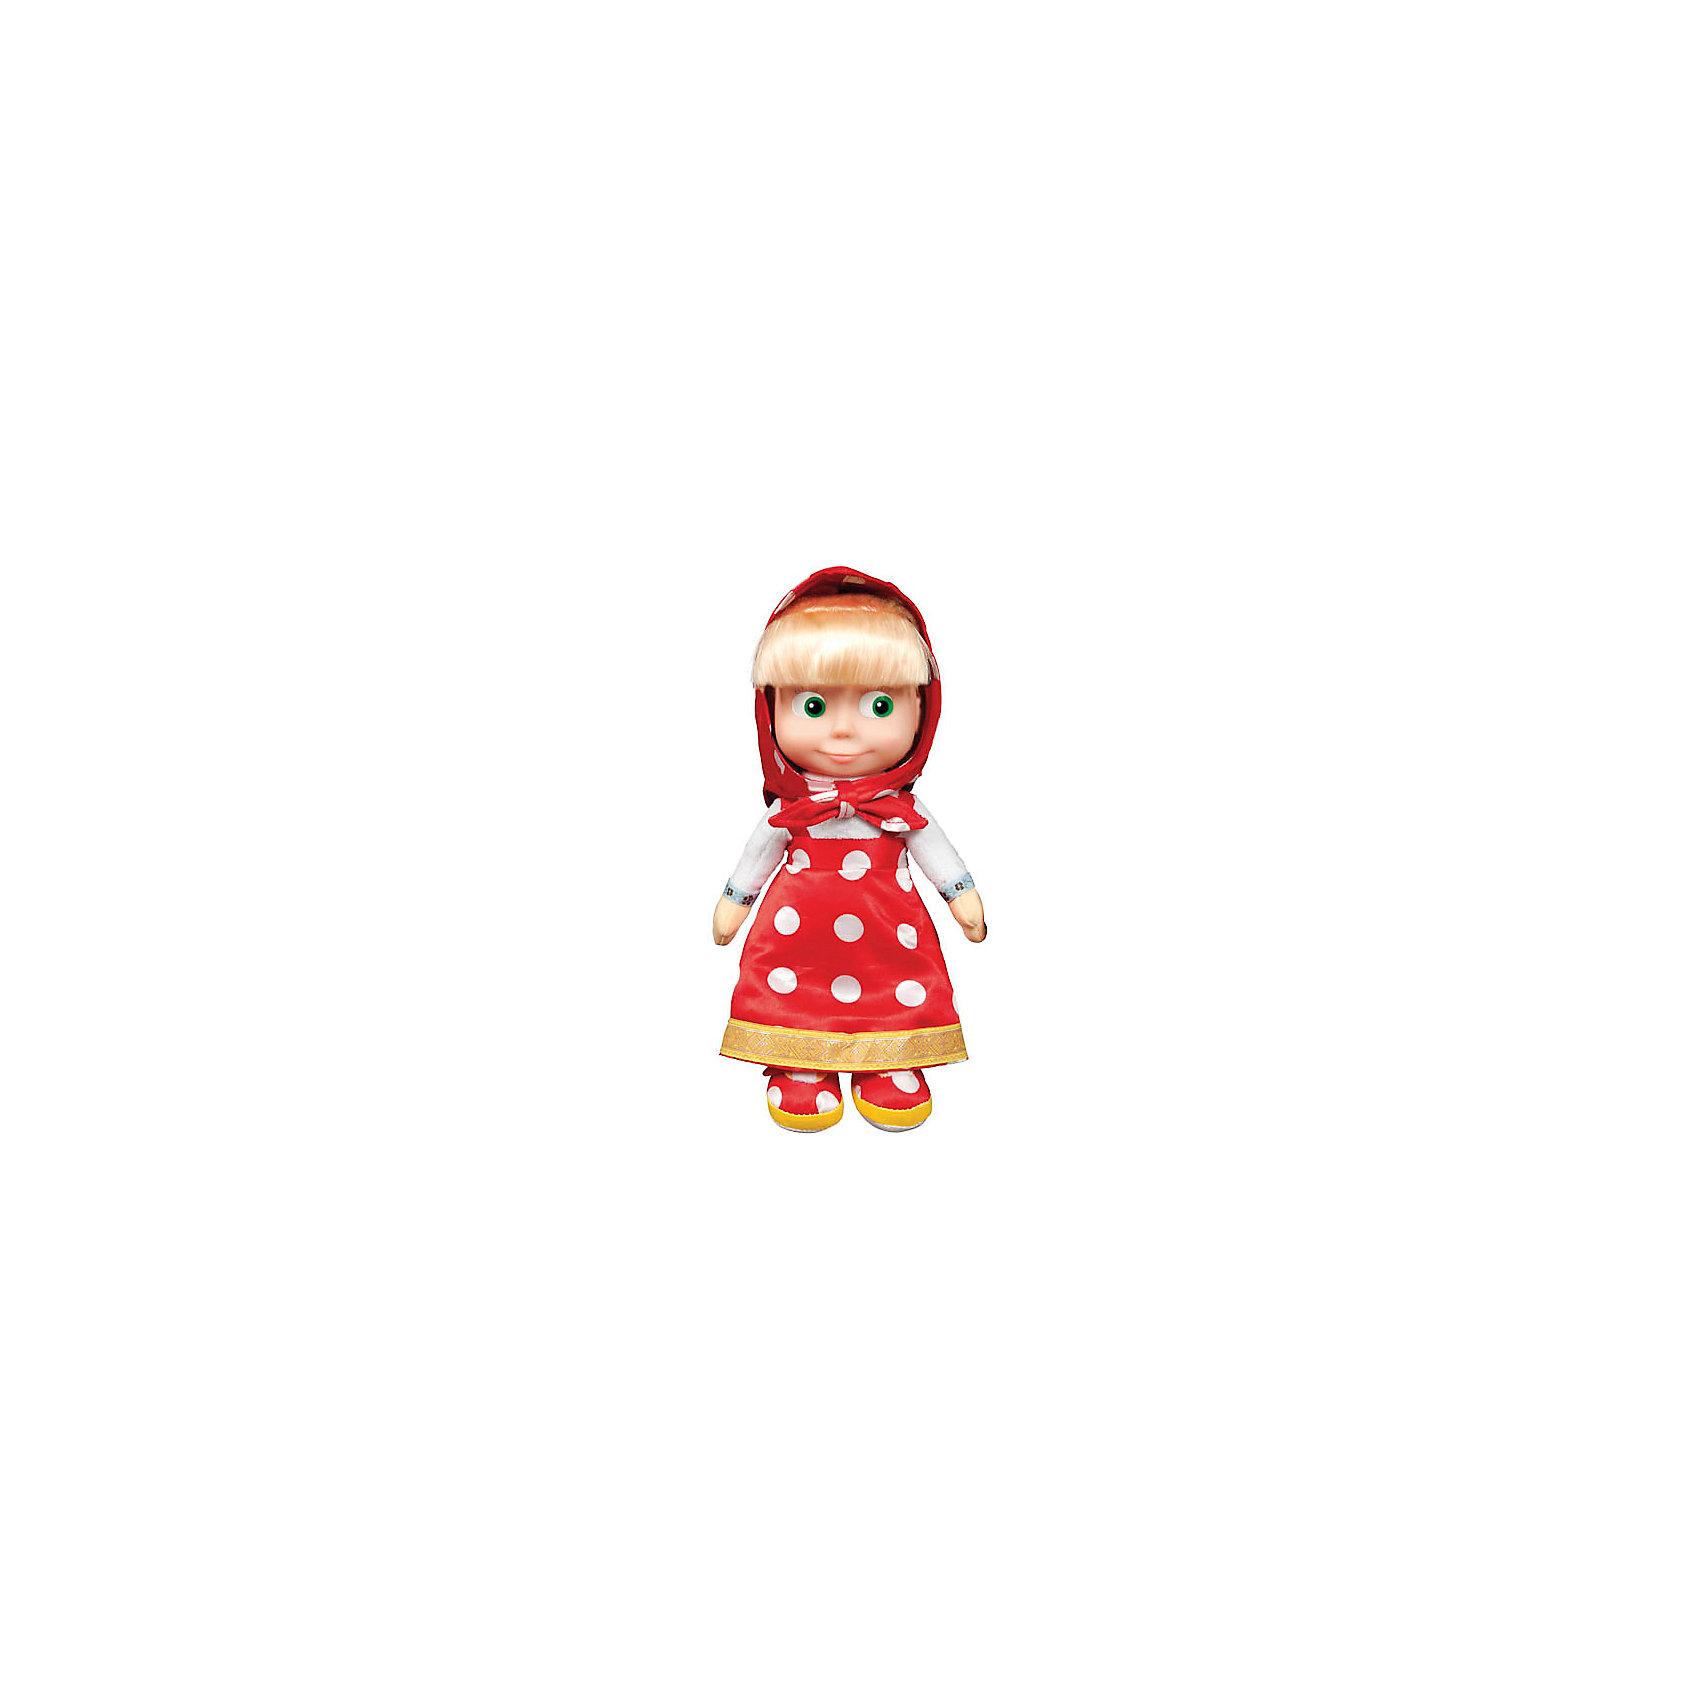 МУЛЬТИ-ПУЛЬТИ Мягкая игрушка Маша, 29 см, со звуком, Маша и Медведь, МУЛЬТИ-ПУЛЬТИ карапуз кукла маша 15 см со звуком маша и медведь карапуз